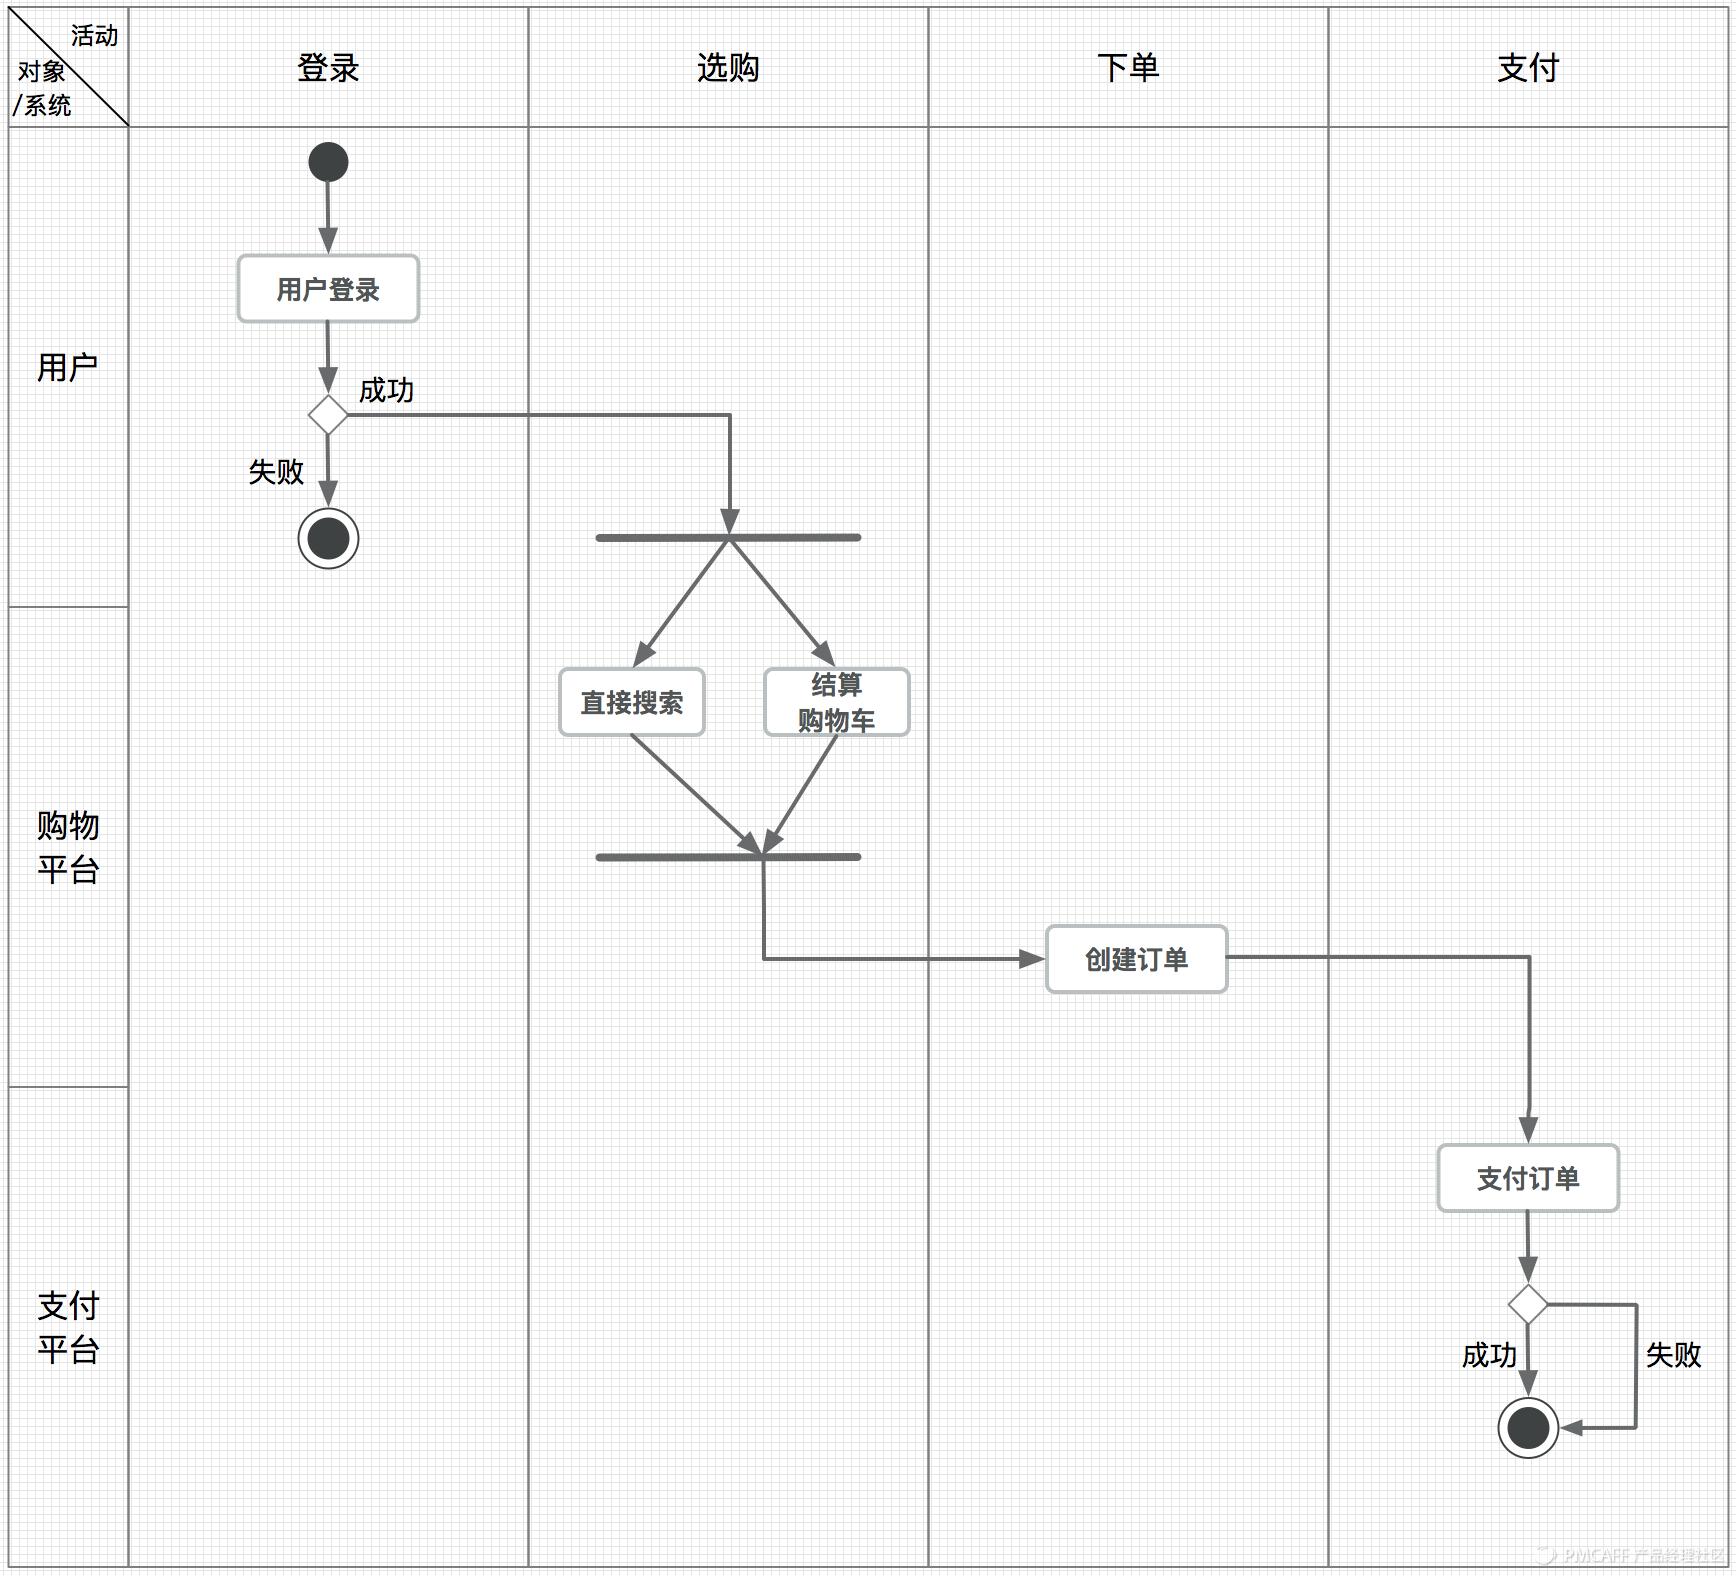 案例活动图